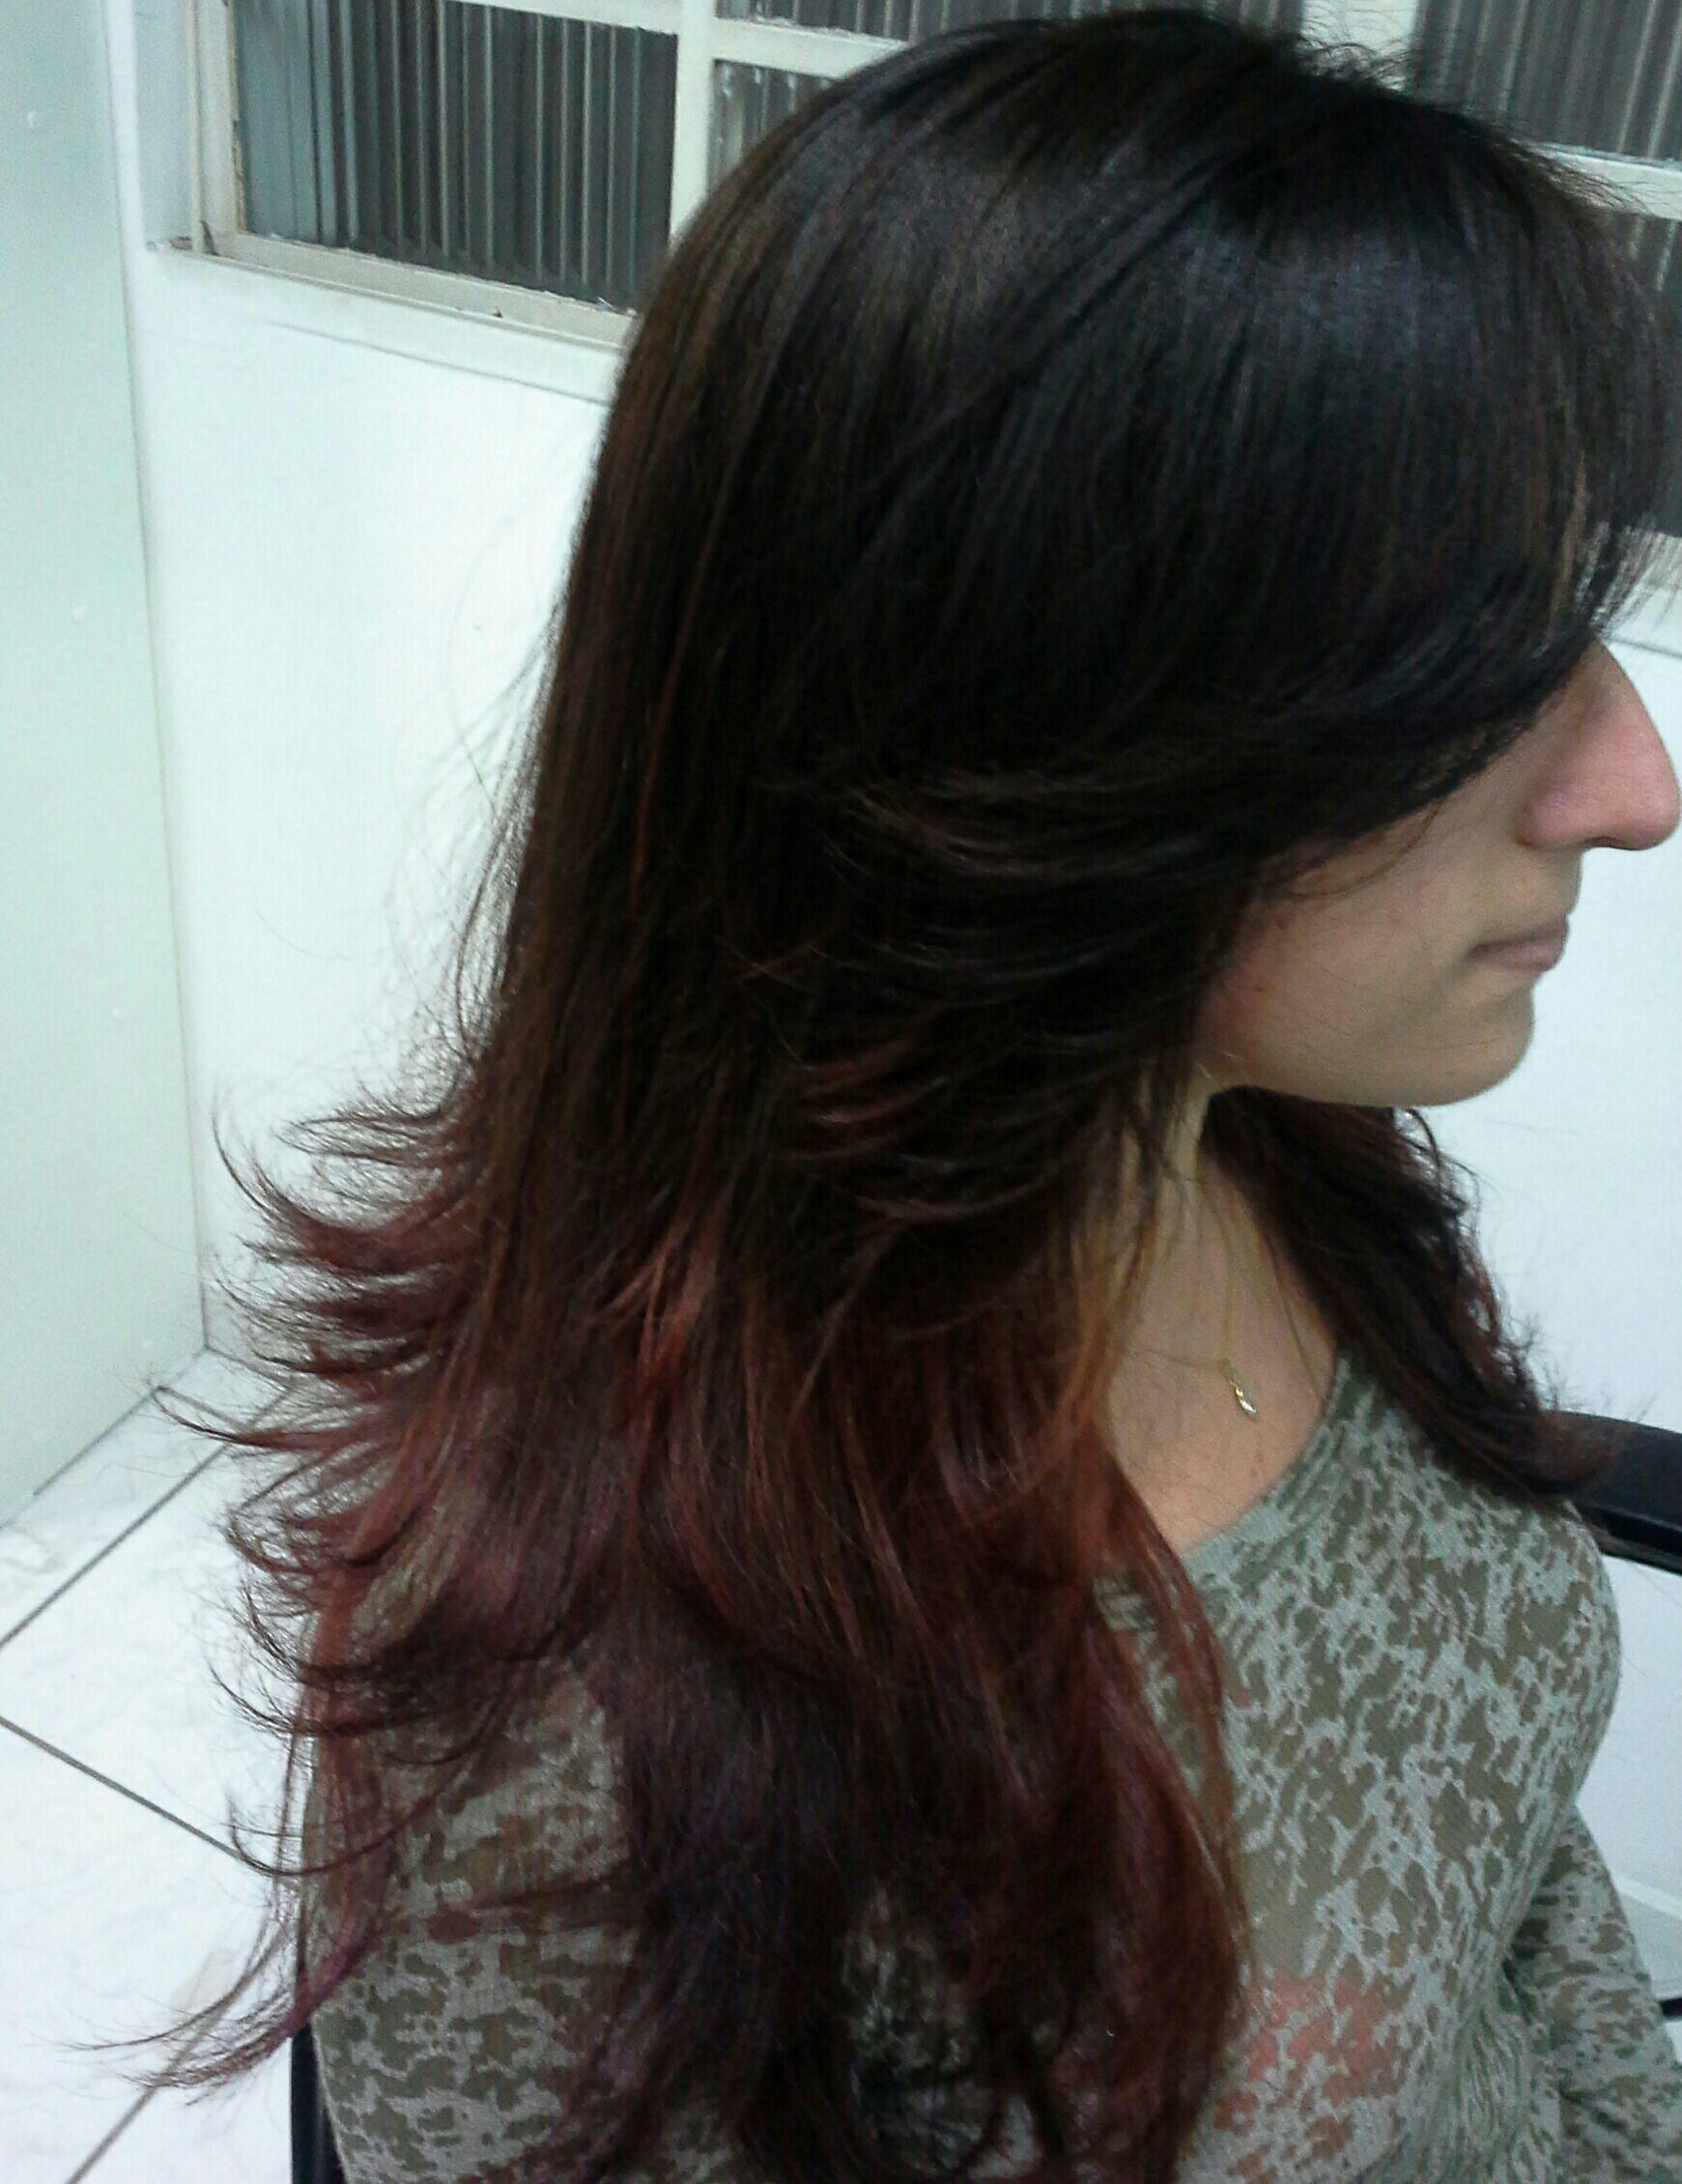 Californiana  dois  tons,  castanho e vermelho.  Profissional.  Vera Lúcia  Lopes cabelo stylist / visagista cabeleireiro(a)